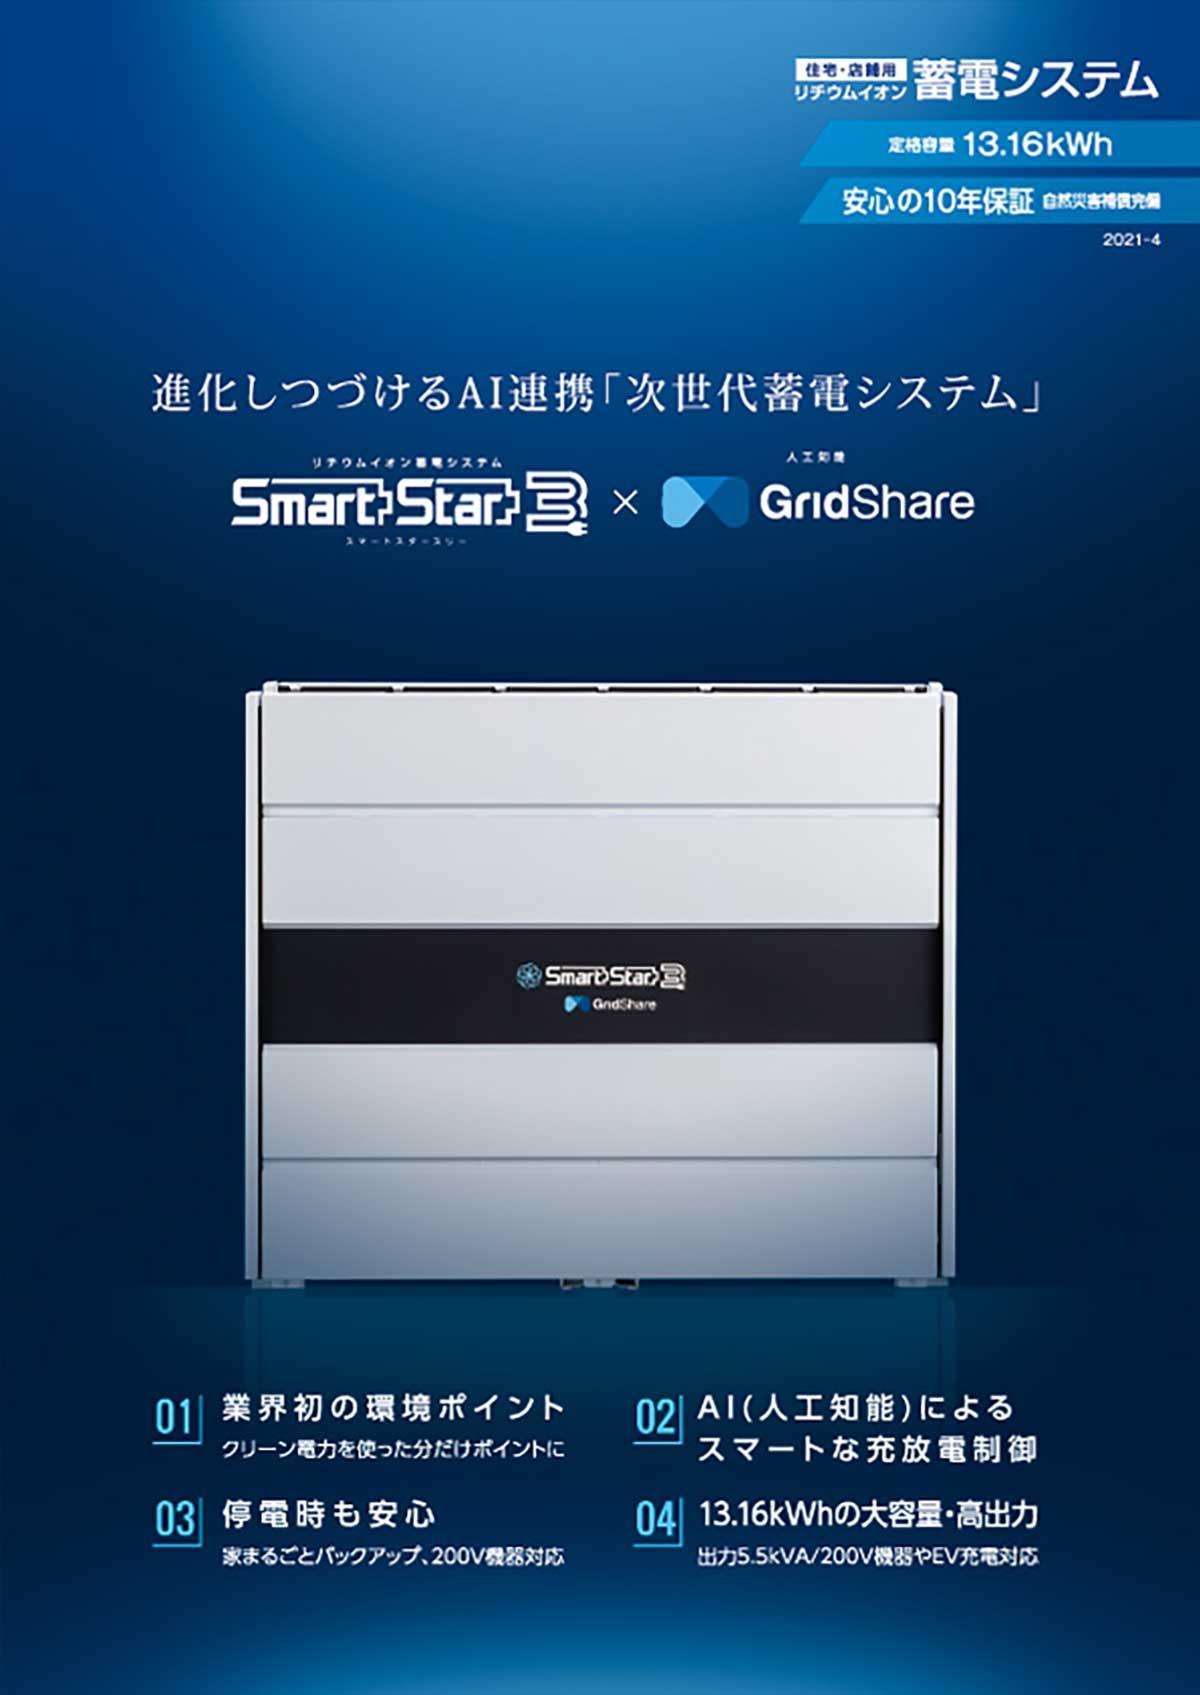 新製品 Smart Star 3 × GridShare